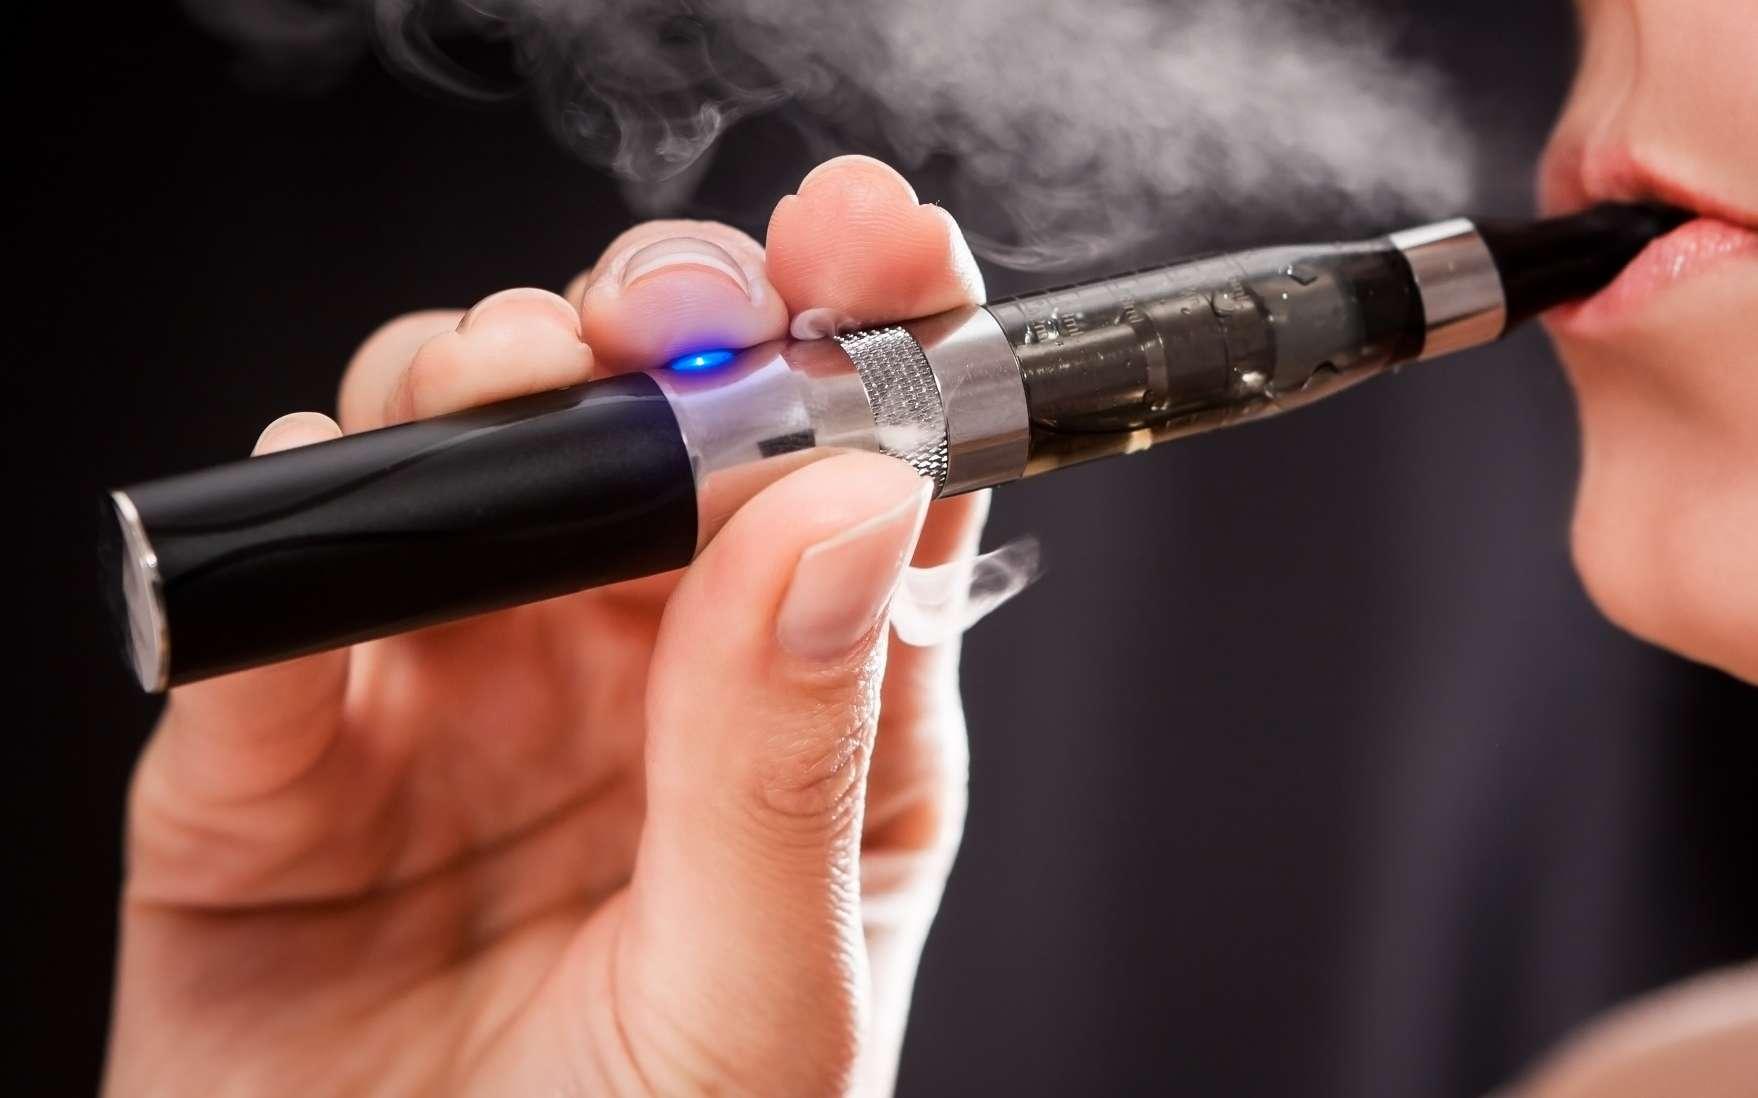 La vapeur des cigarettes électroniques aromatisées à la cerise contiennent les taux les plus élevés de benzaldéhyde. © scyther5, Shutterstock